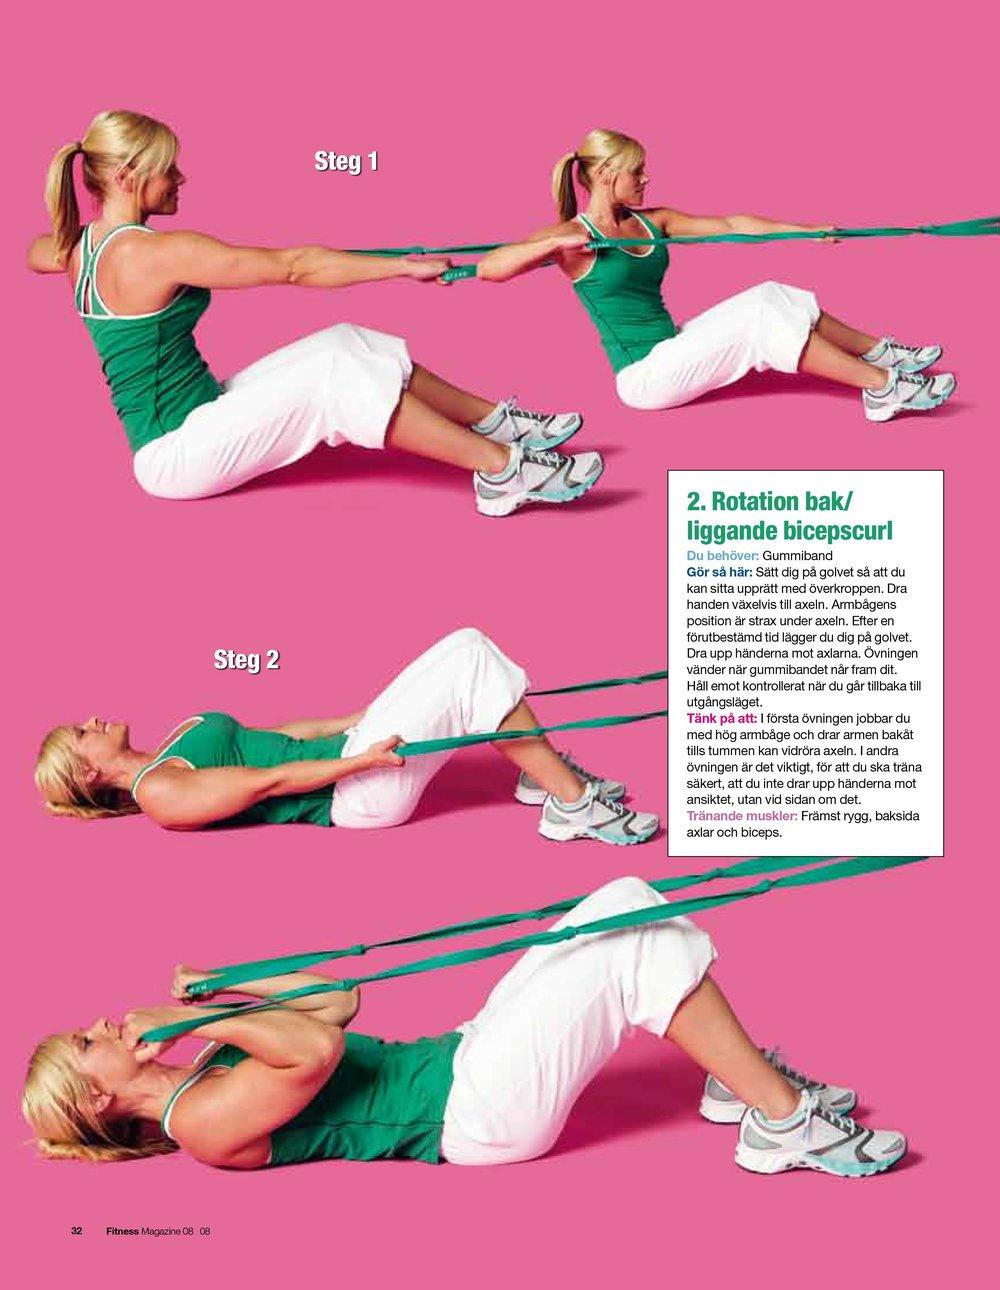 bilaga fitness magazine övningar-4.jpg